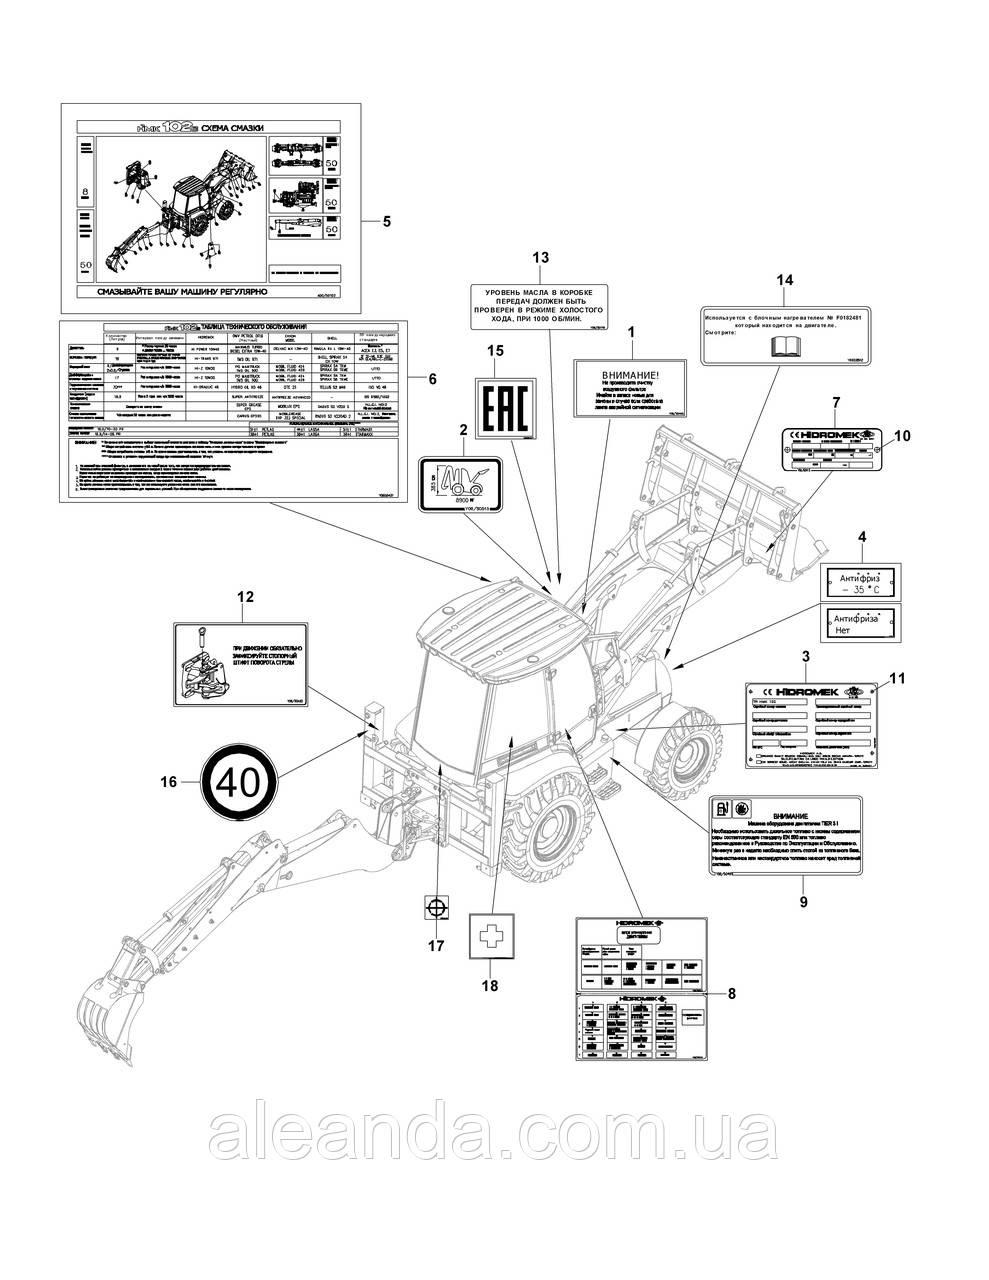 F9906193 шланг системи охолодження двигуна Hidomek